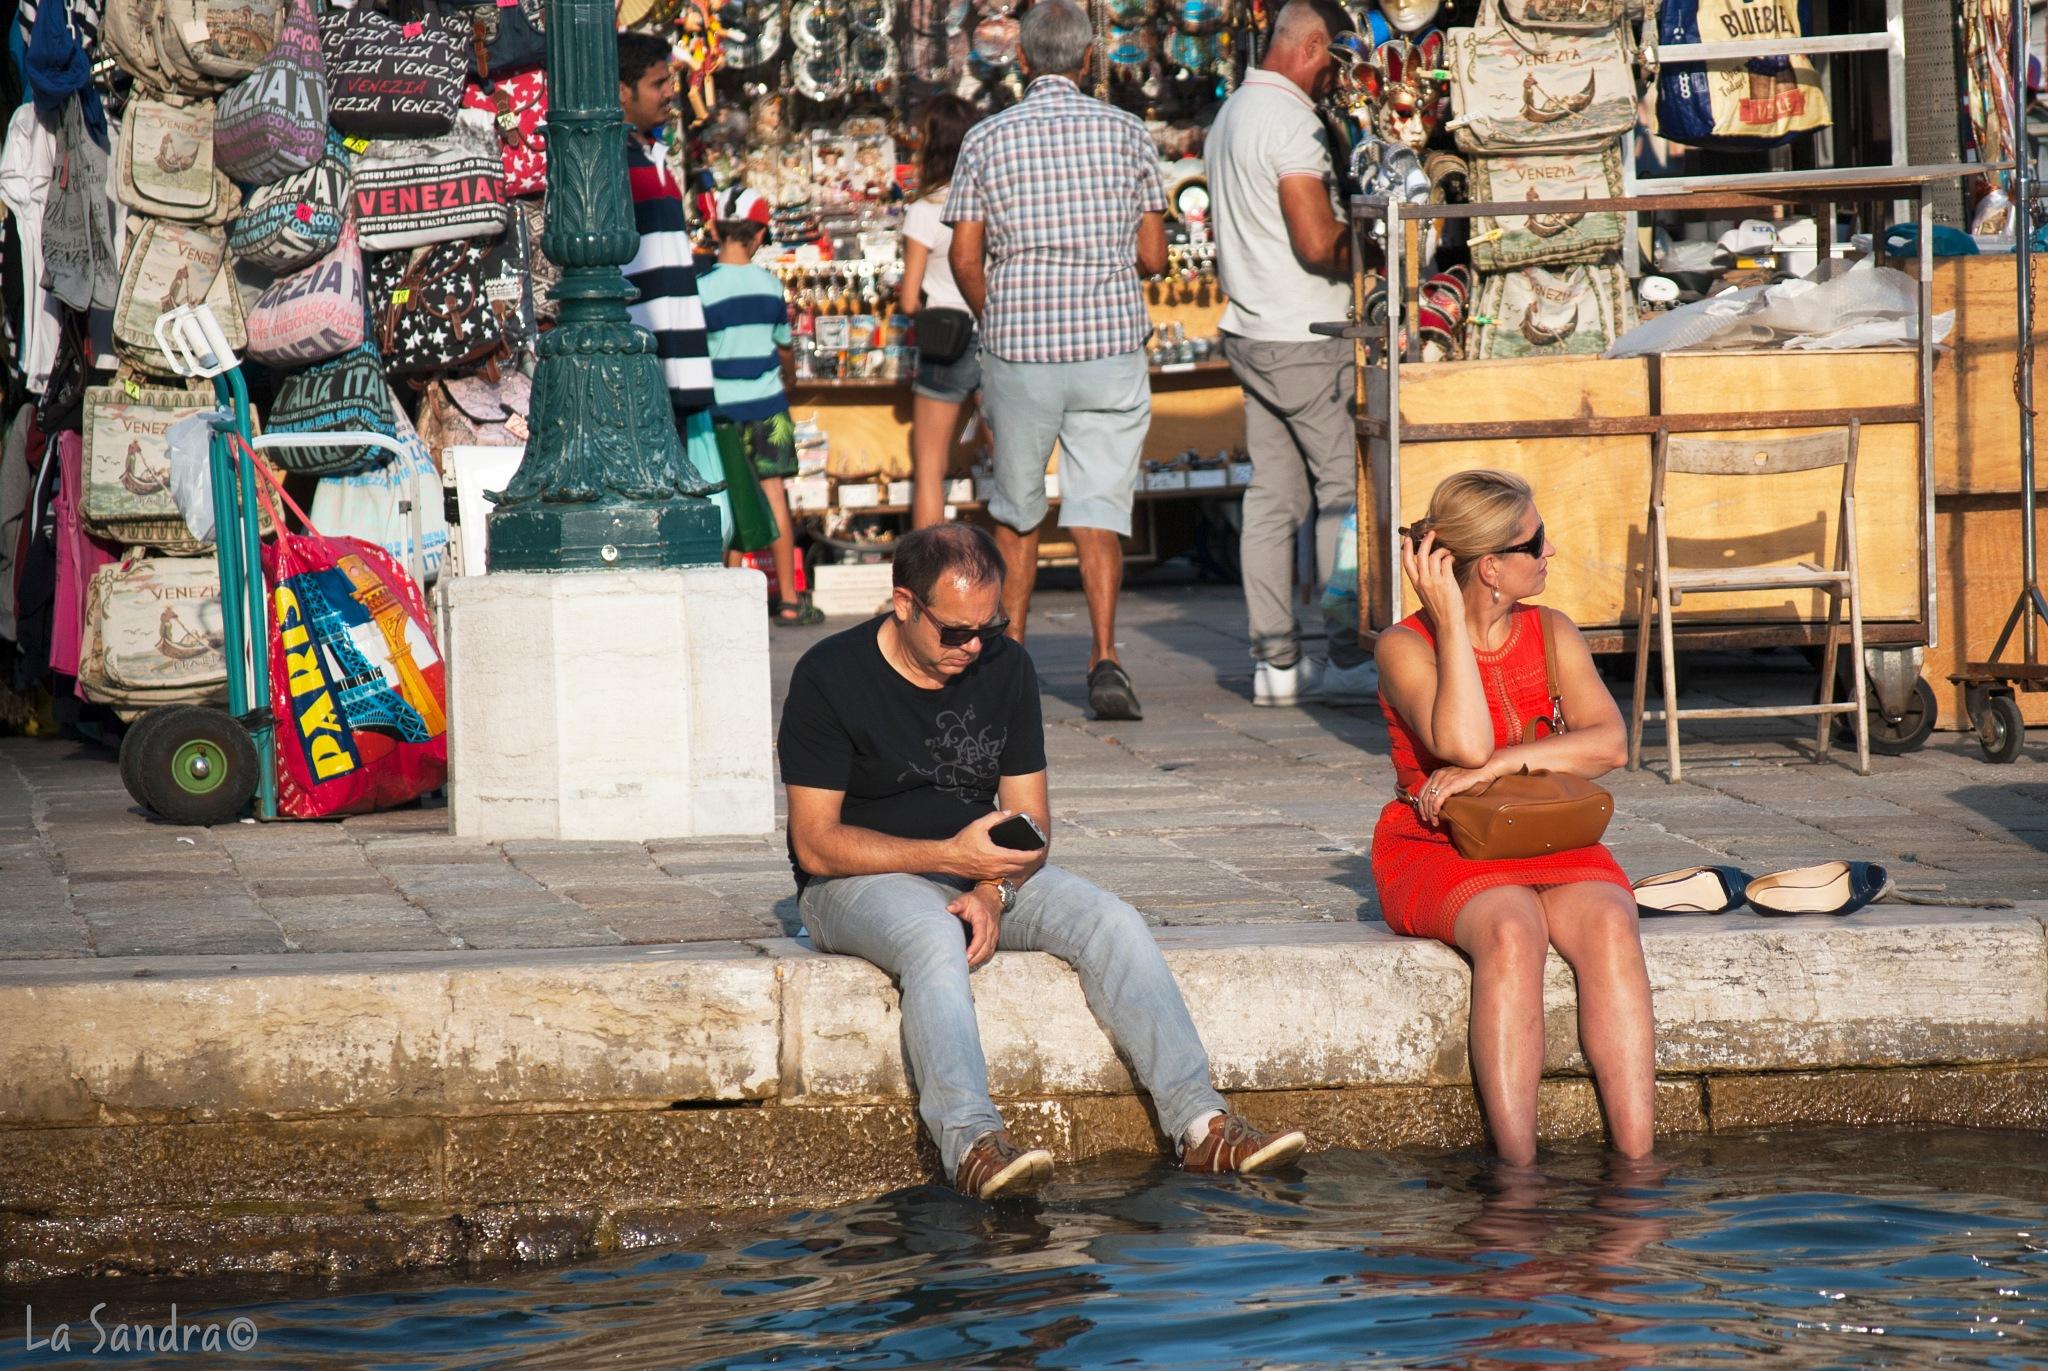 Turisti a Venezia by La Sandra